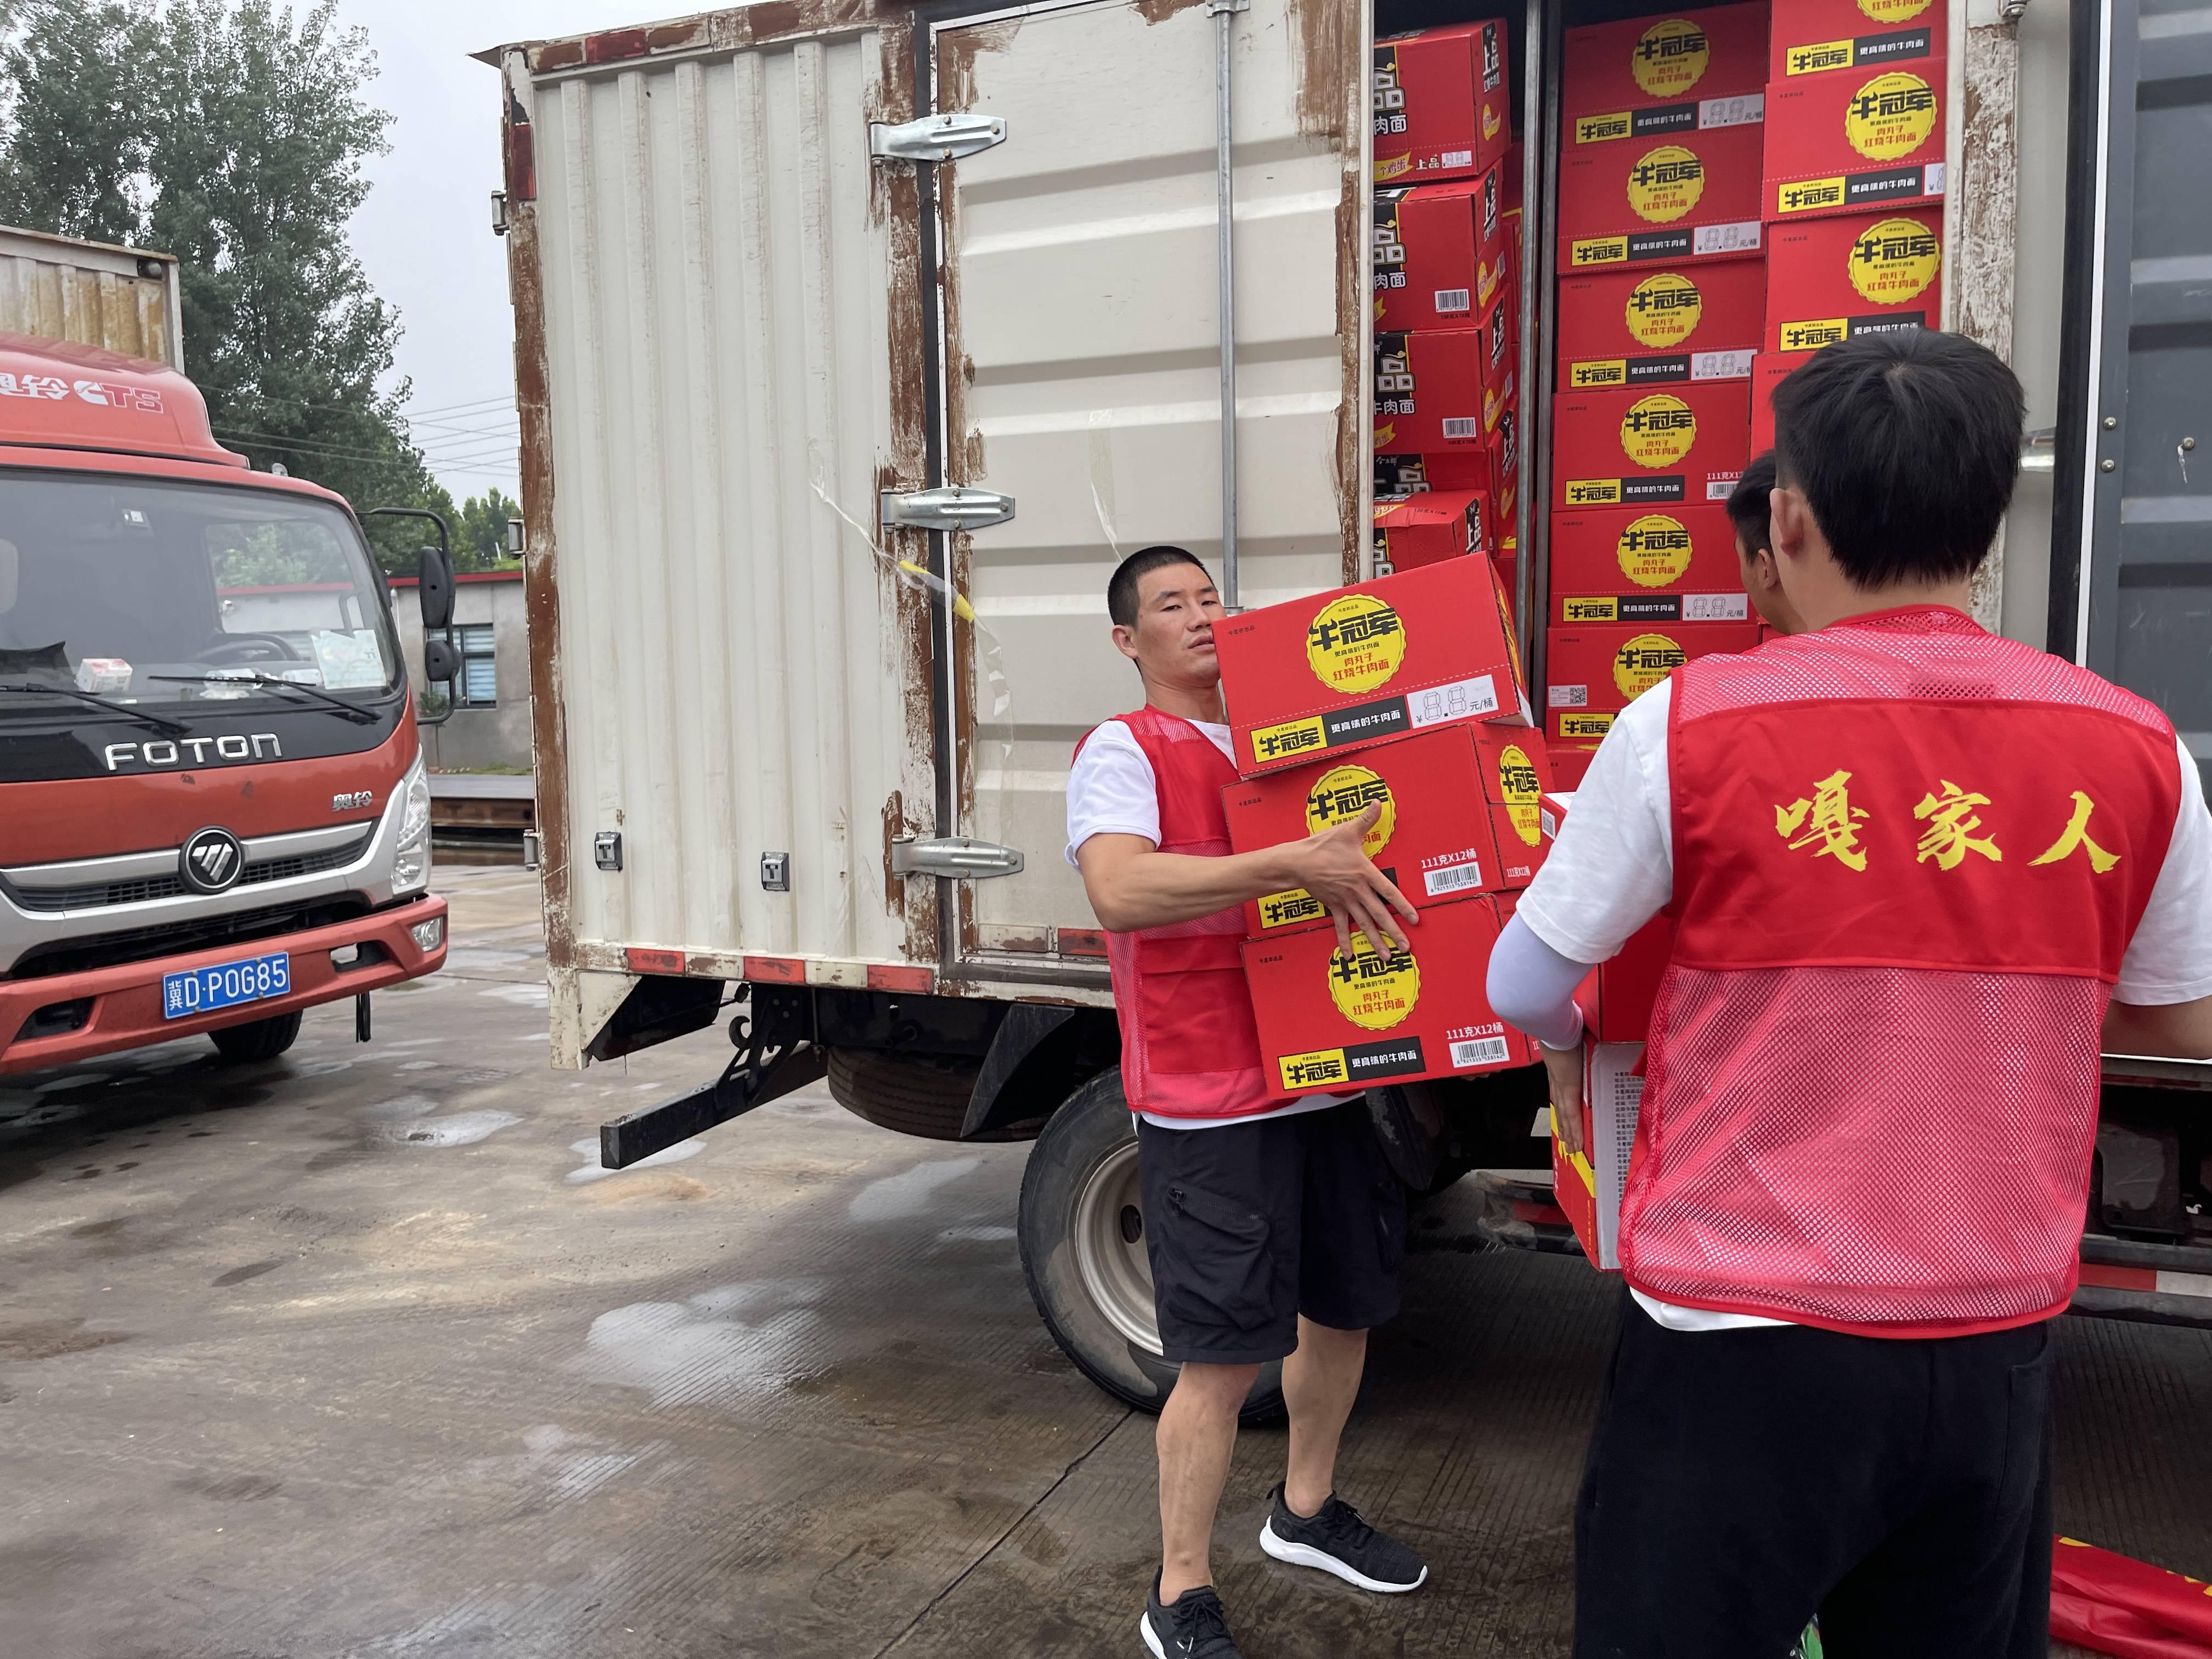 谢孟伟连夜驰援河南浚县捐赠五车物资 网友:首批支援一线的明星